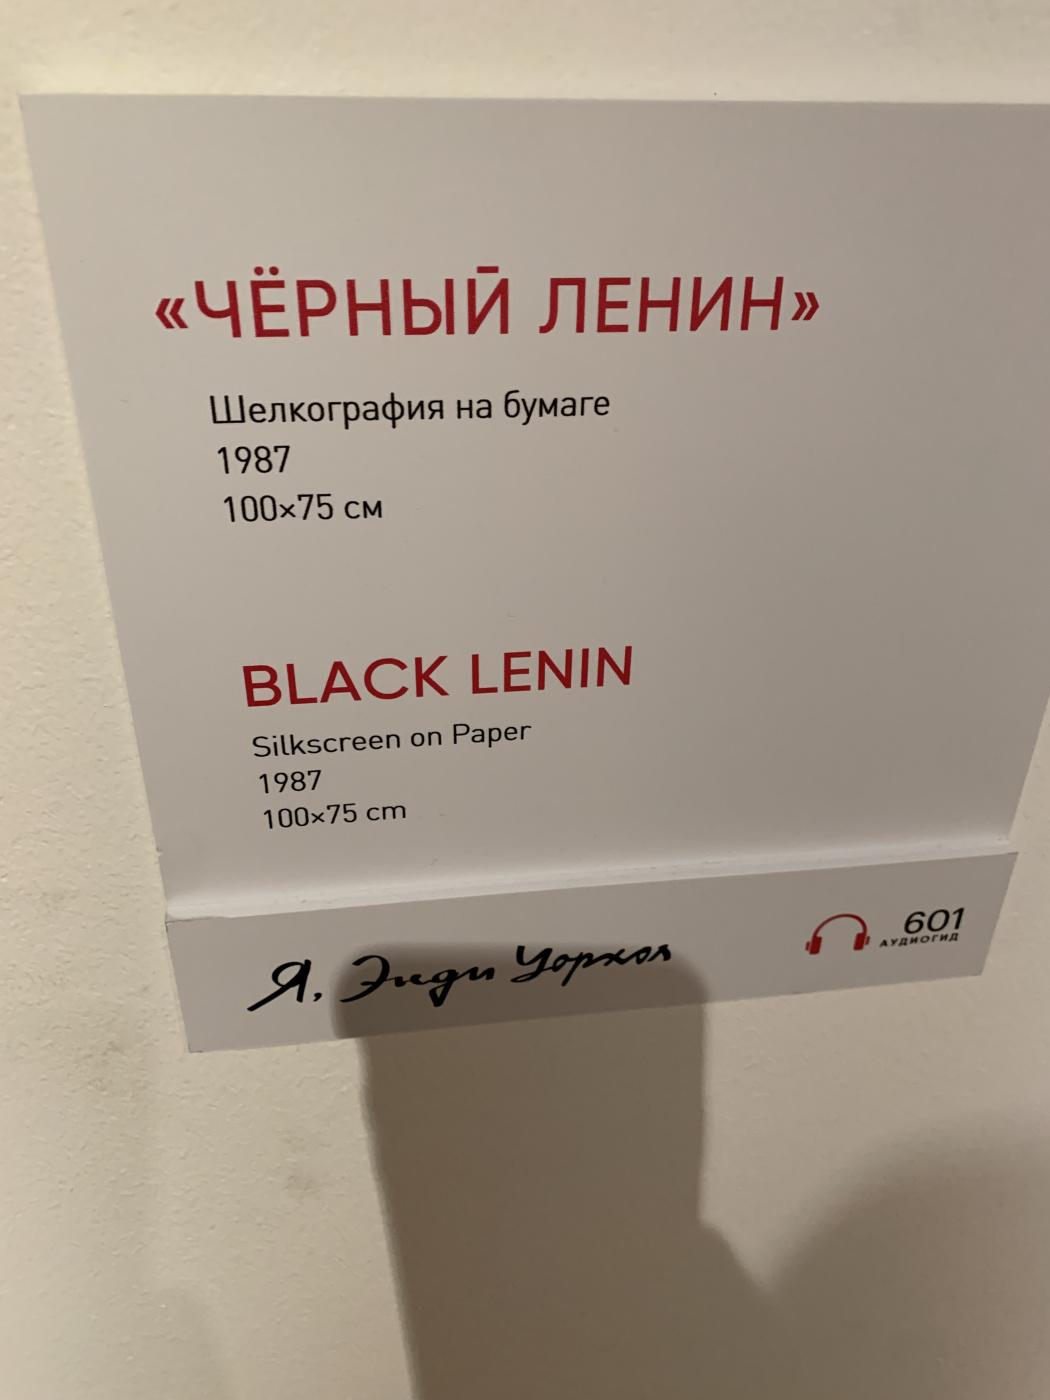 Black Lenin